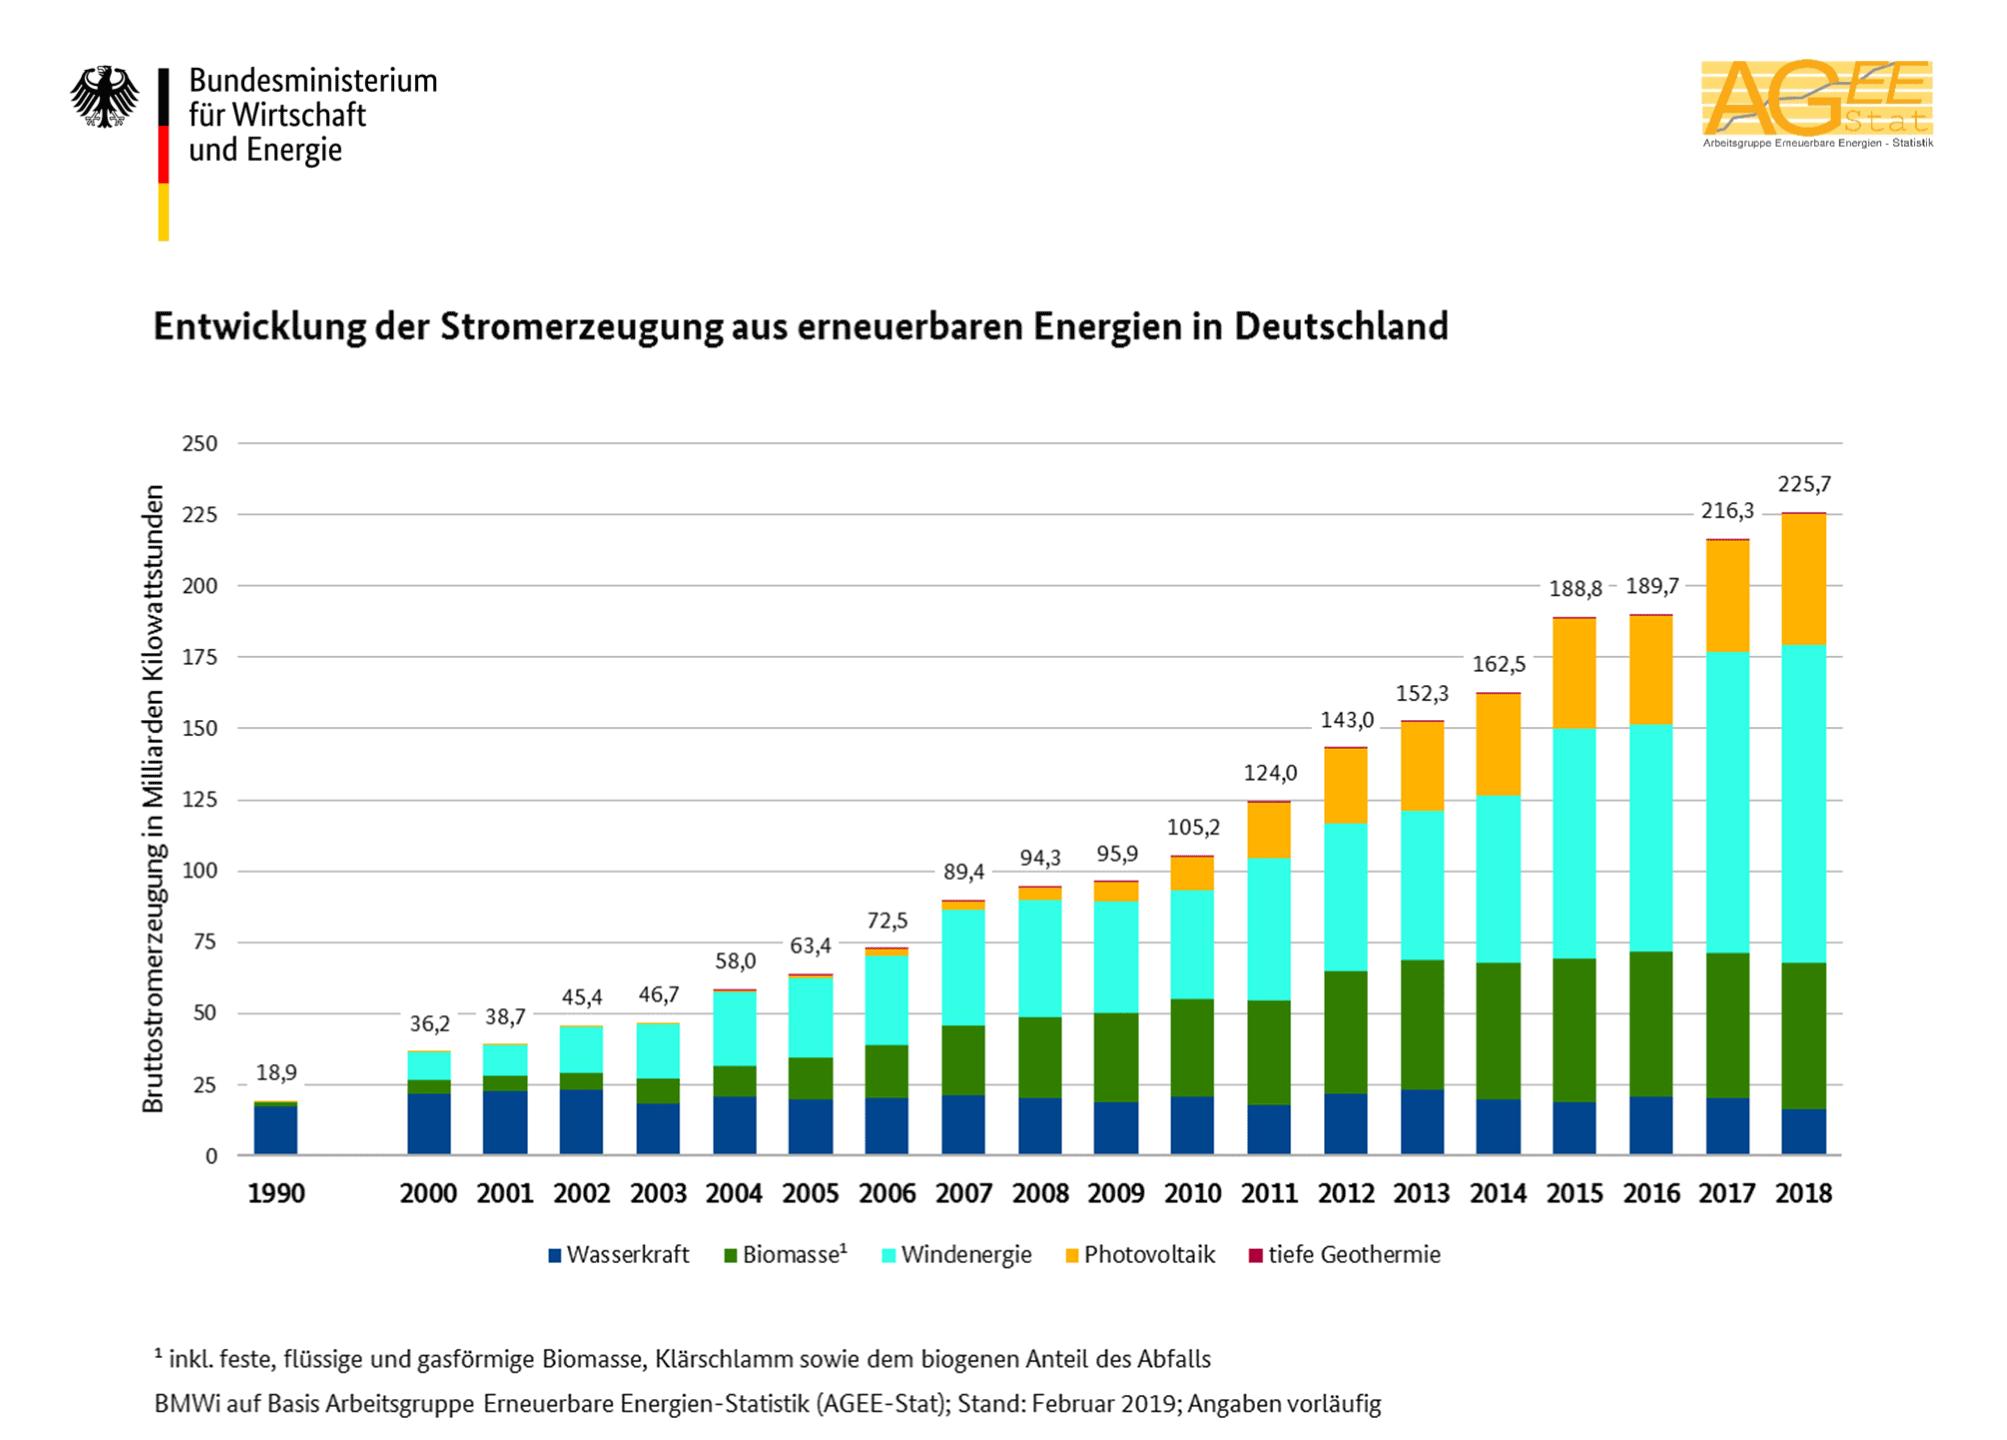 Entwicklung-der-Stromerzeugung-aus-Erneuerbaren-Energien-in-Deutschland